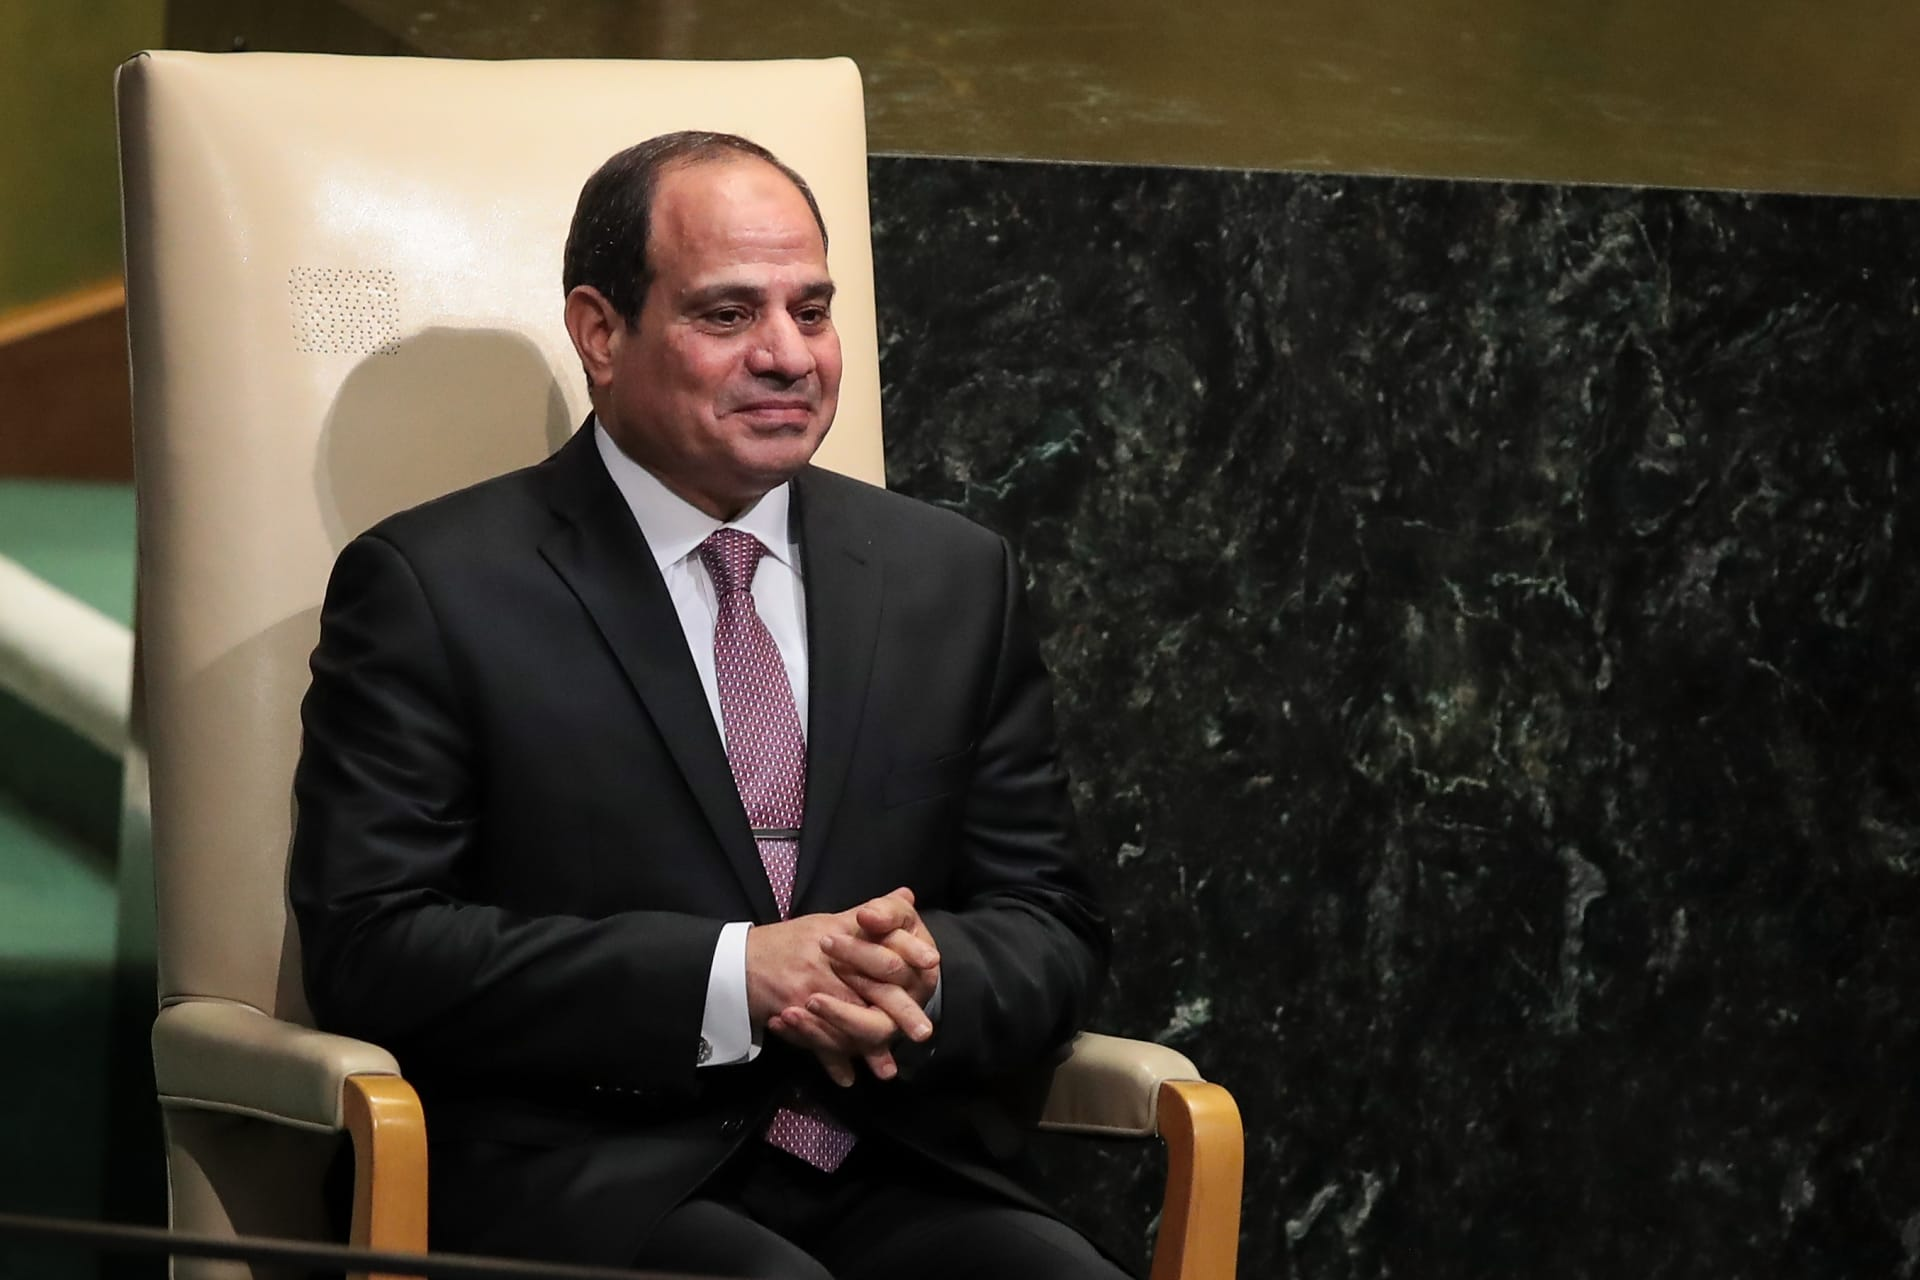 حكومة جديدة في مصر وأبرز مفاجآتها تغيير وزيري الدفاع والداخلية